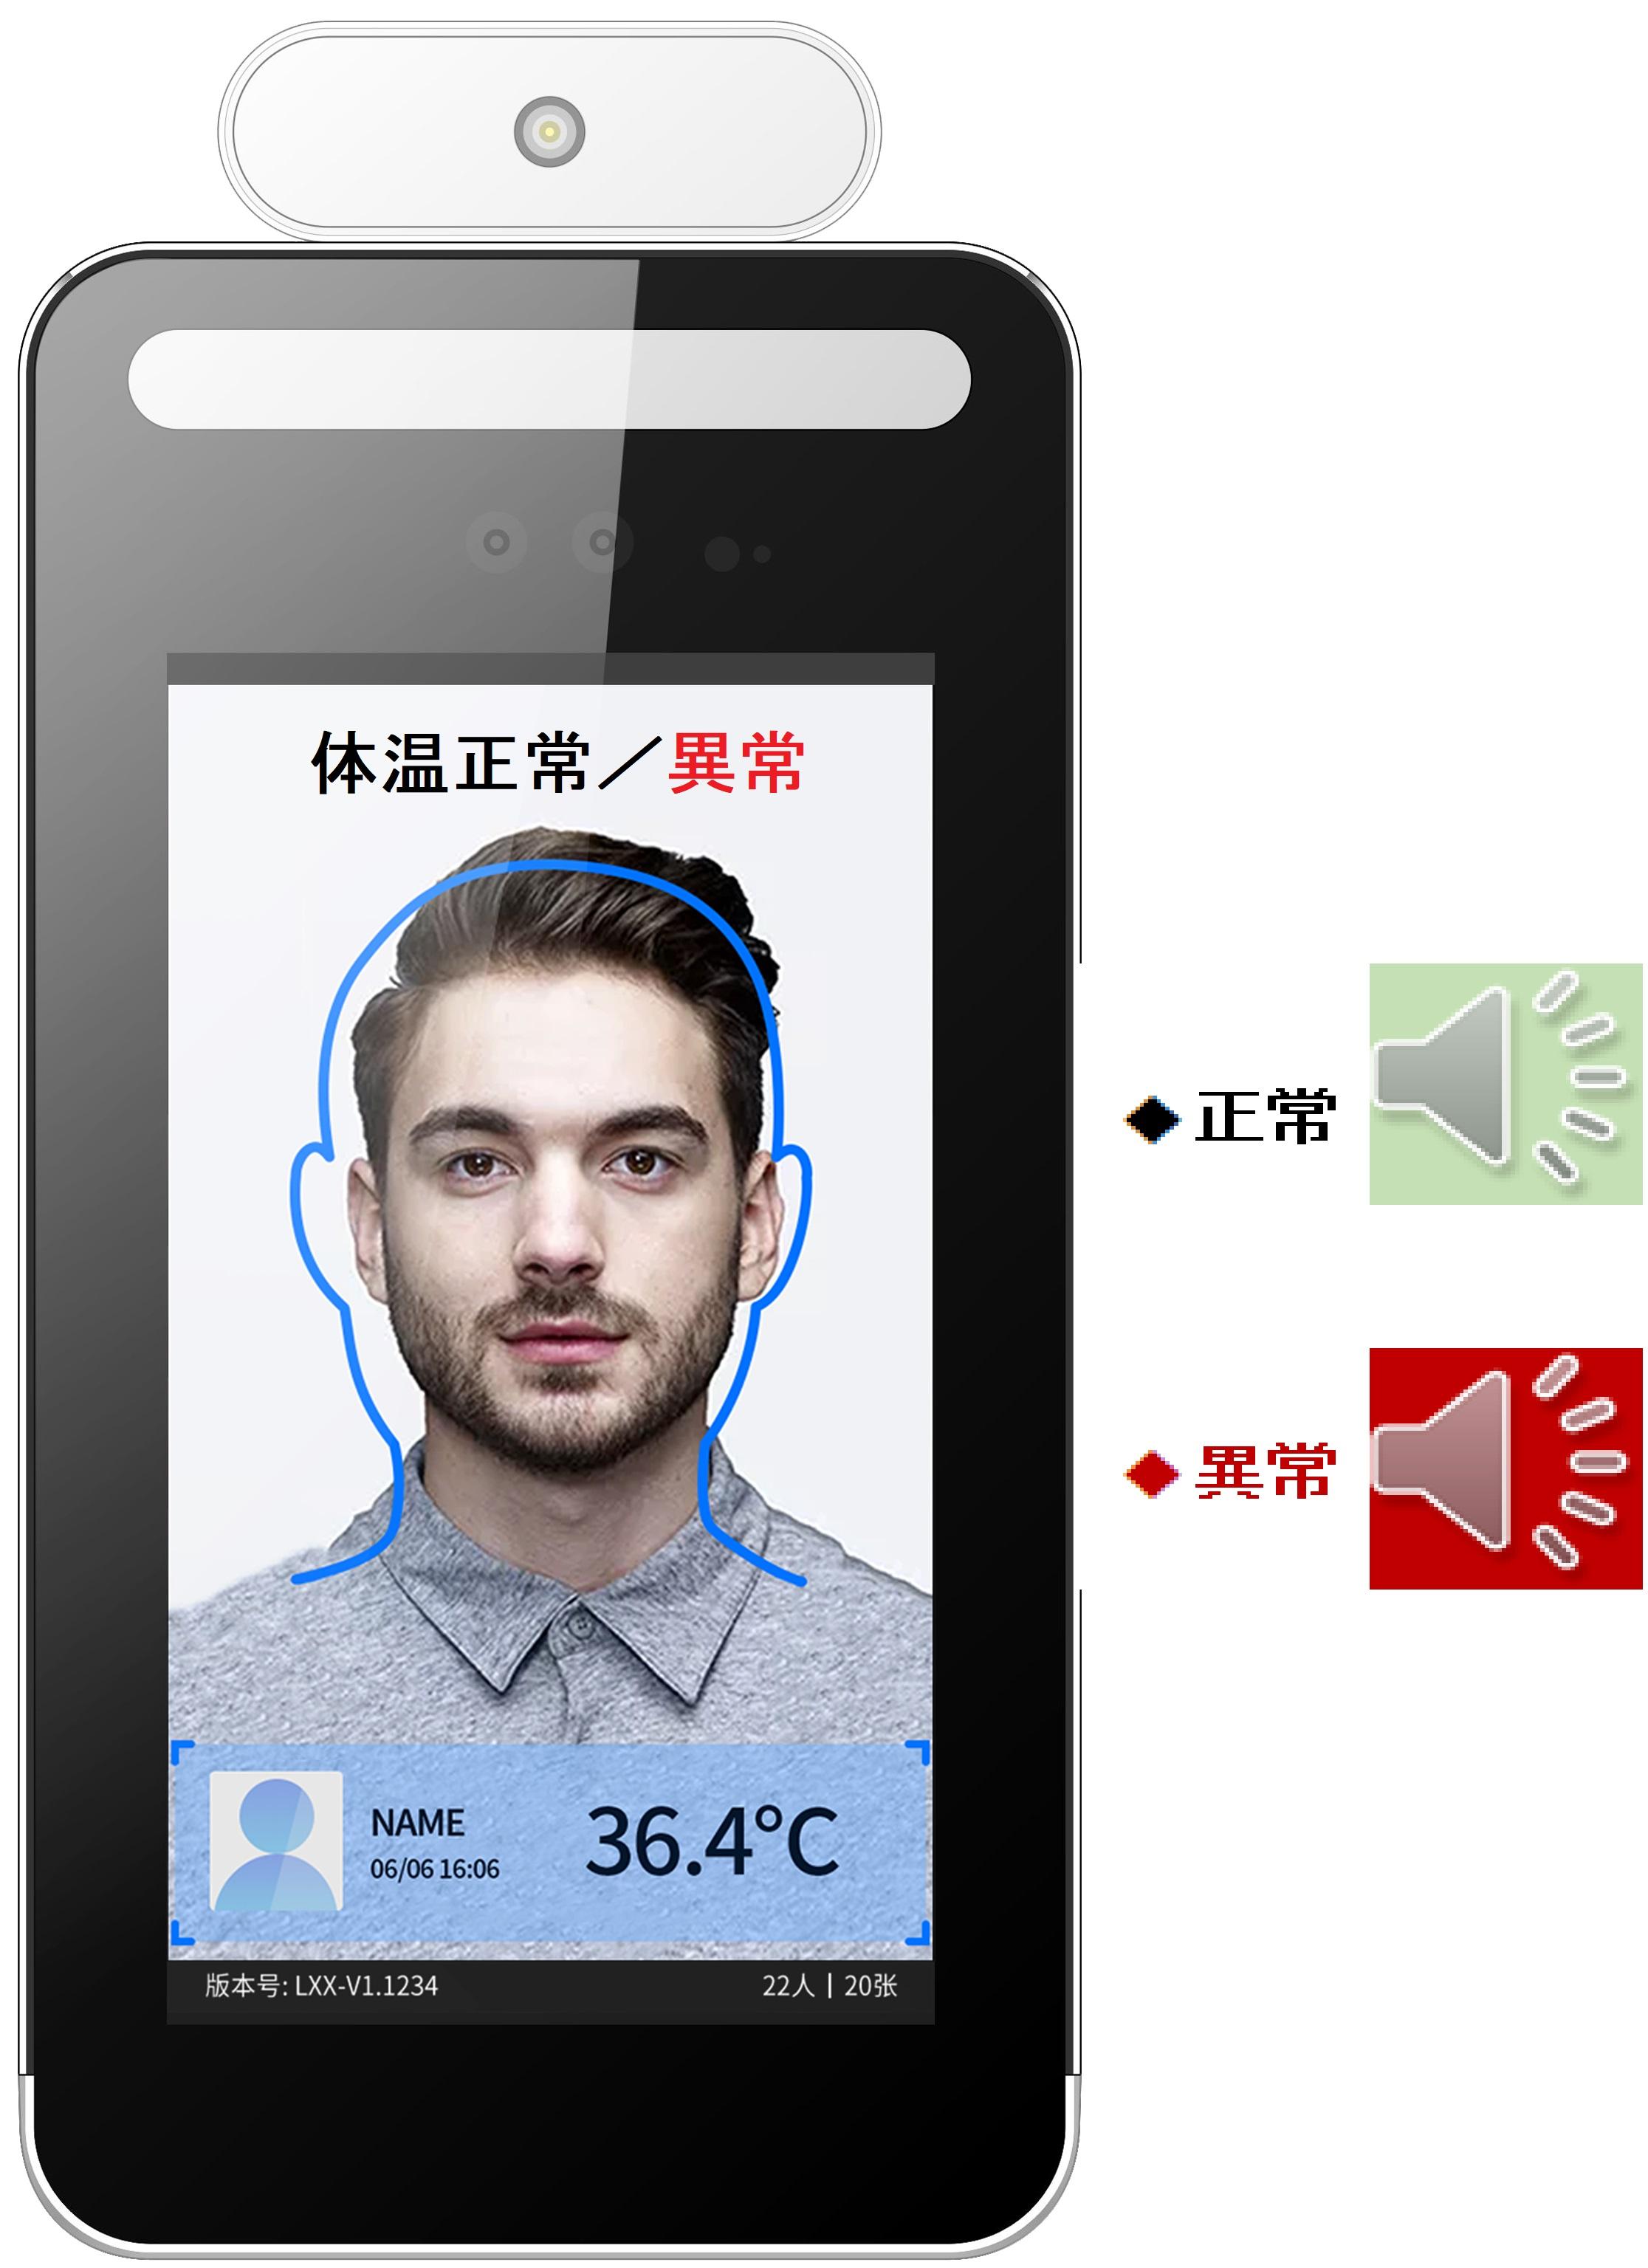 施設入口対策に最適な非接触式セルフ検温端末